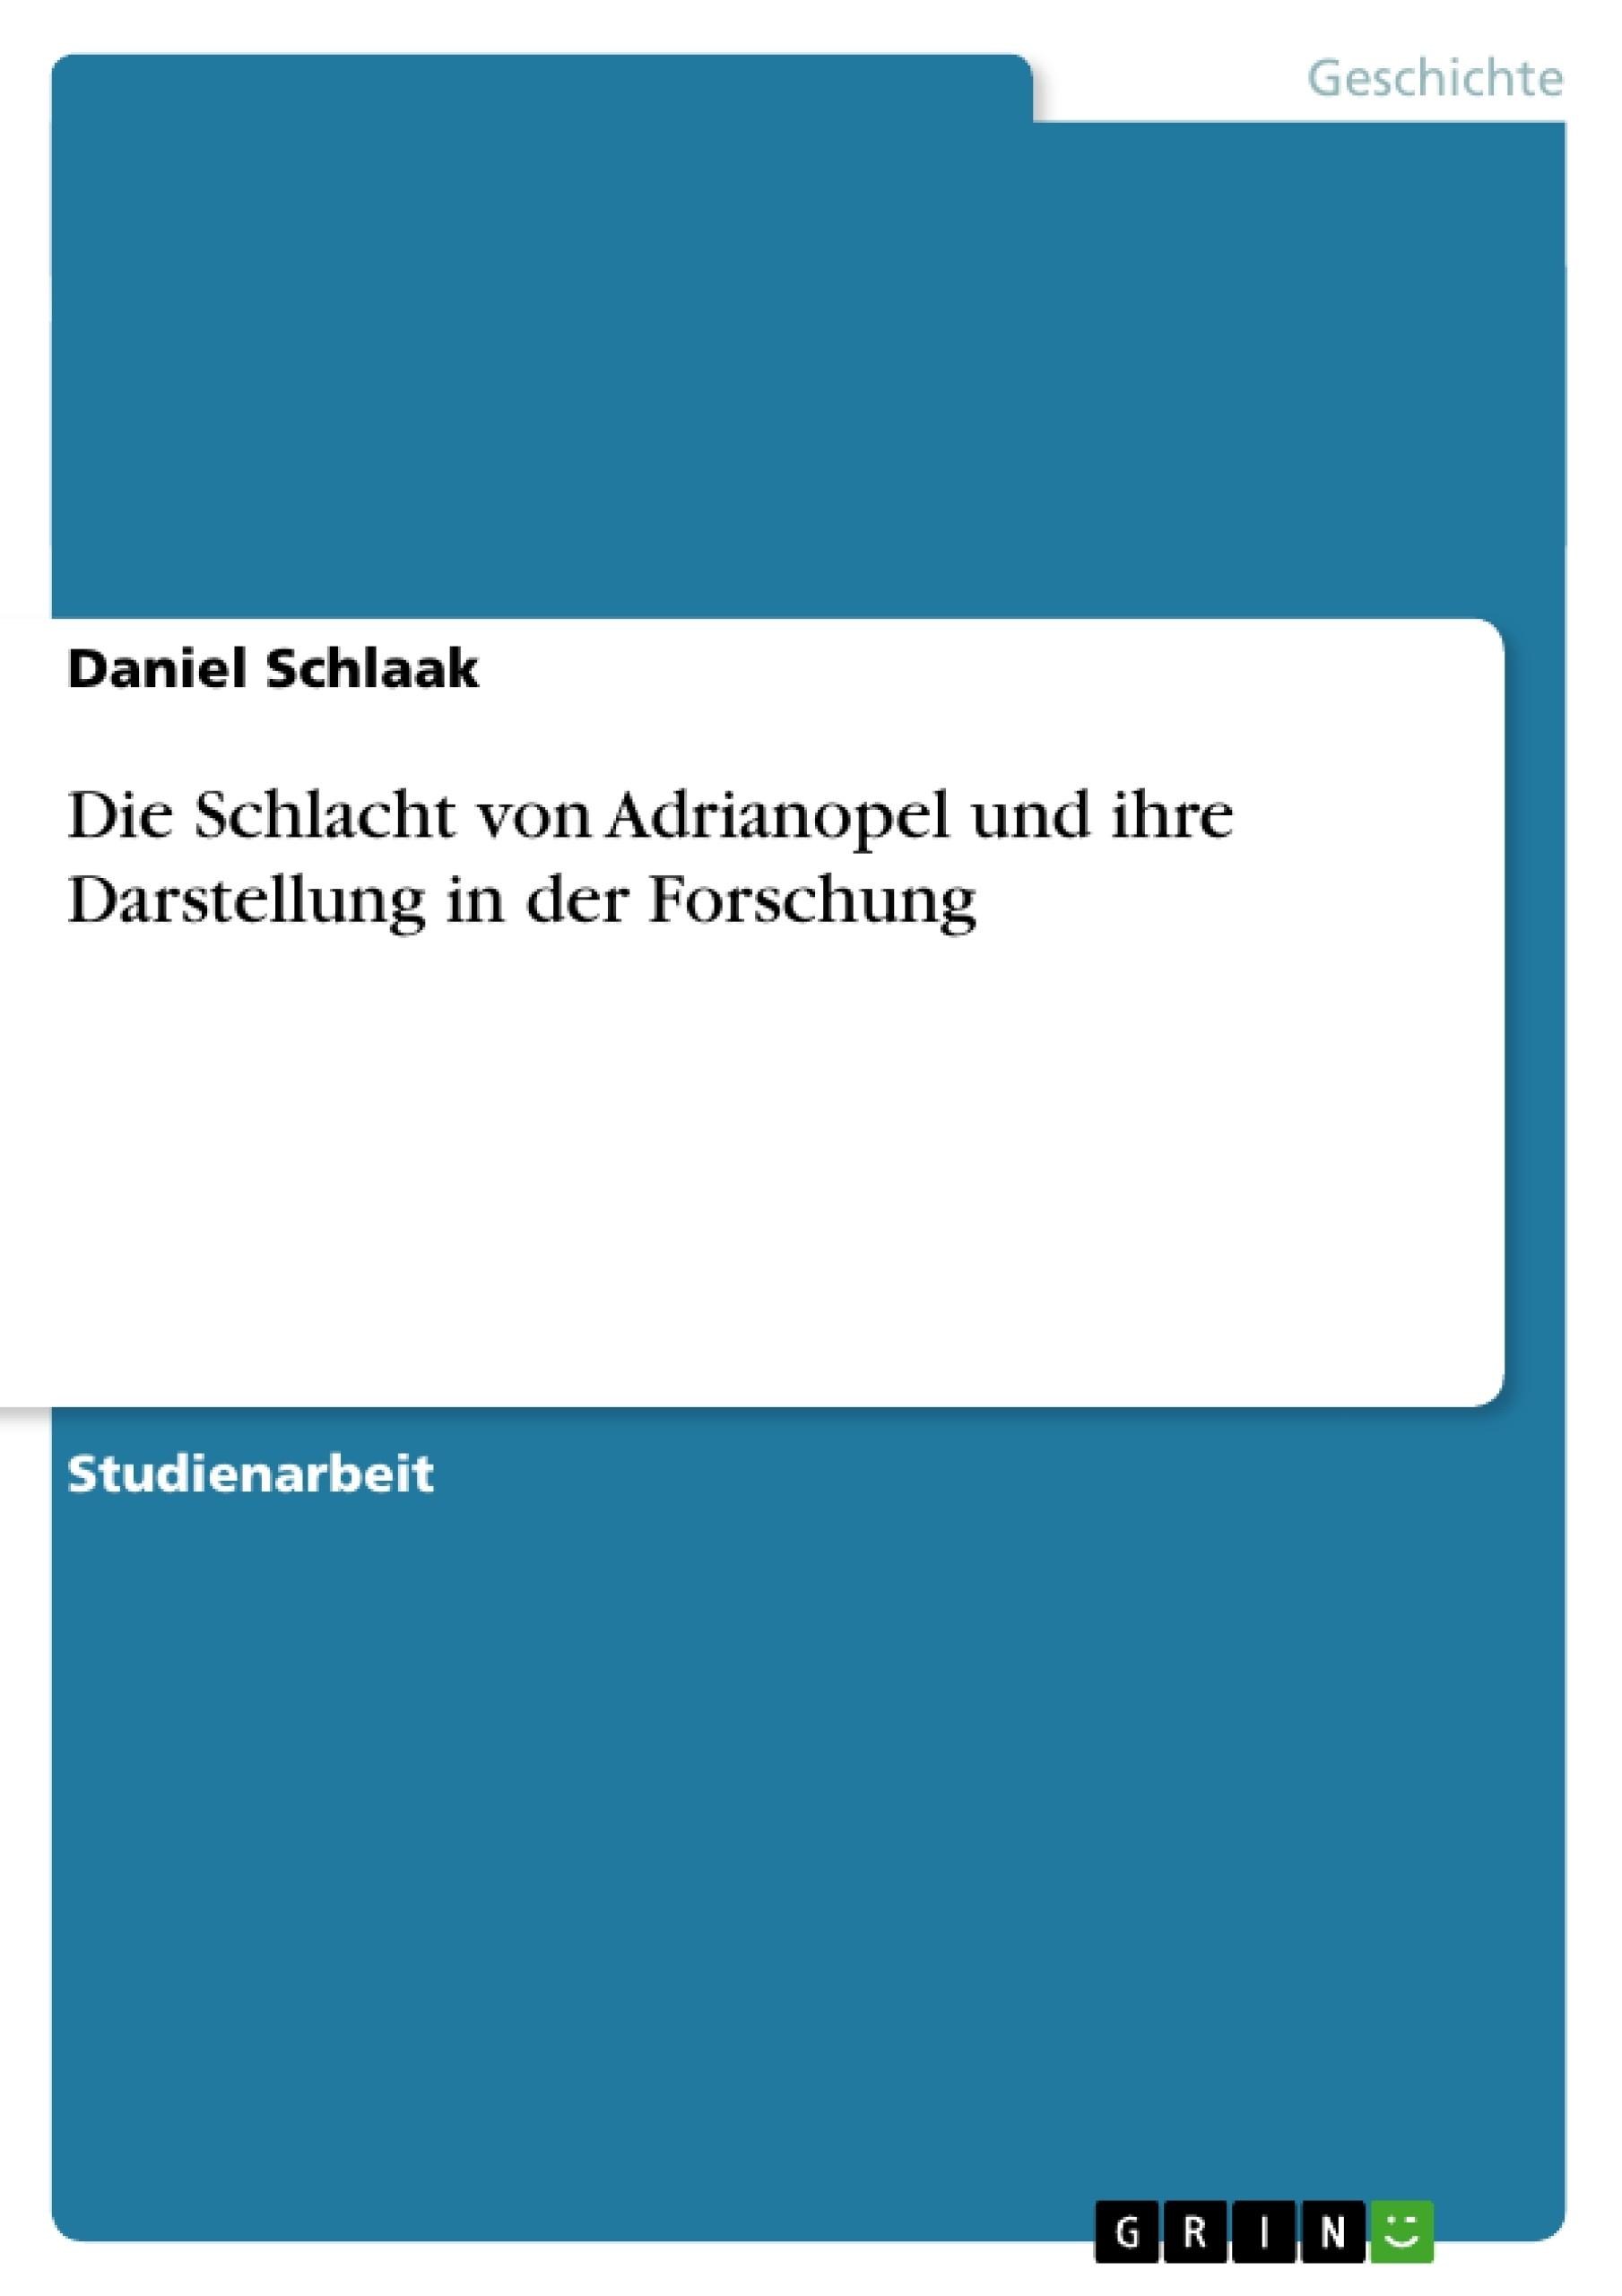 Titel: Die Schlacht von Adrianopel und ihre Darstellung in der Forschung